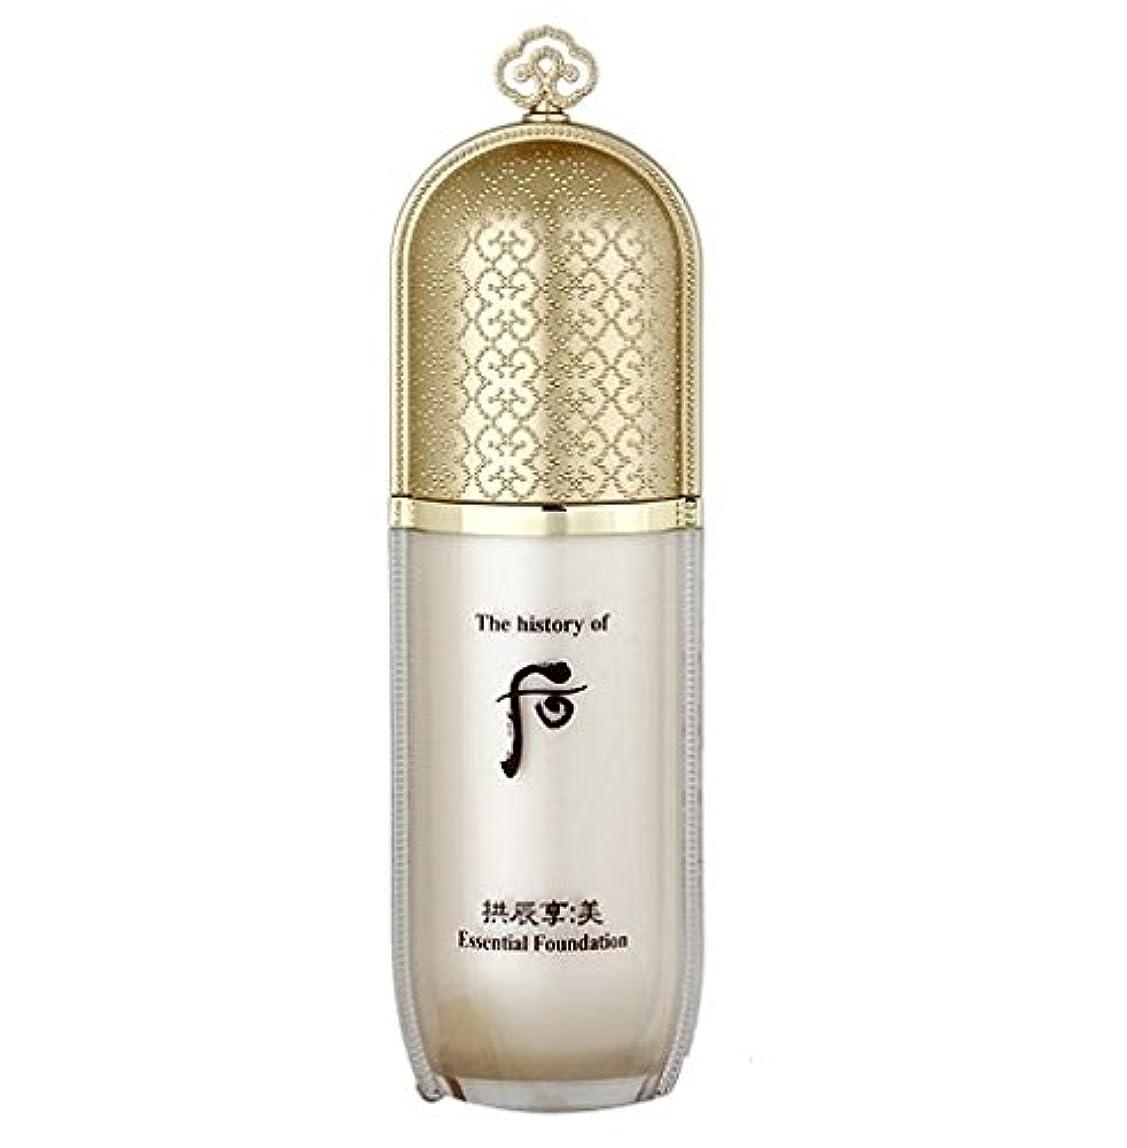 理想的には断言する明るいThe history of Whoo Gongjinhyang Mi Essential Foundation #2 40ml K-beauty[並行輸入品]